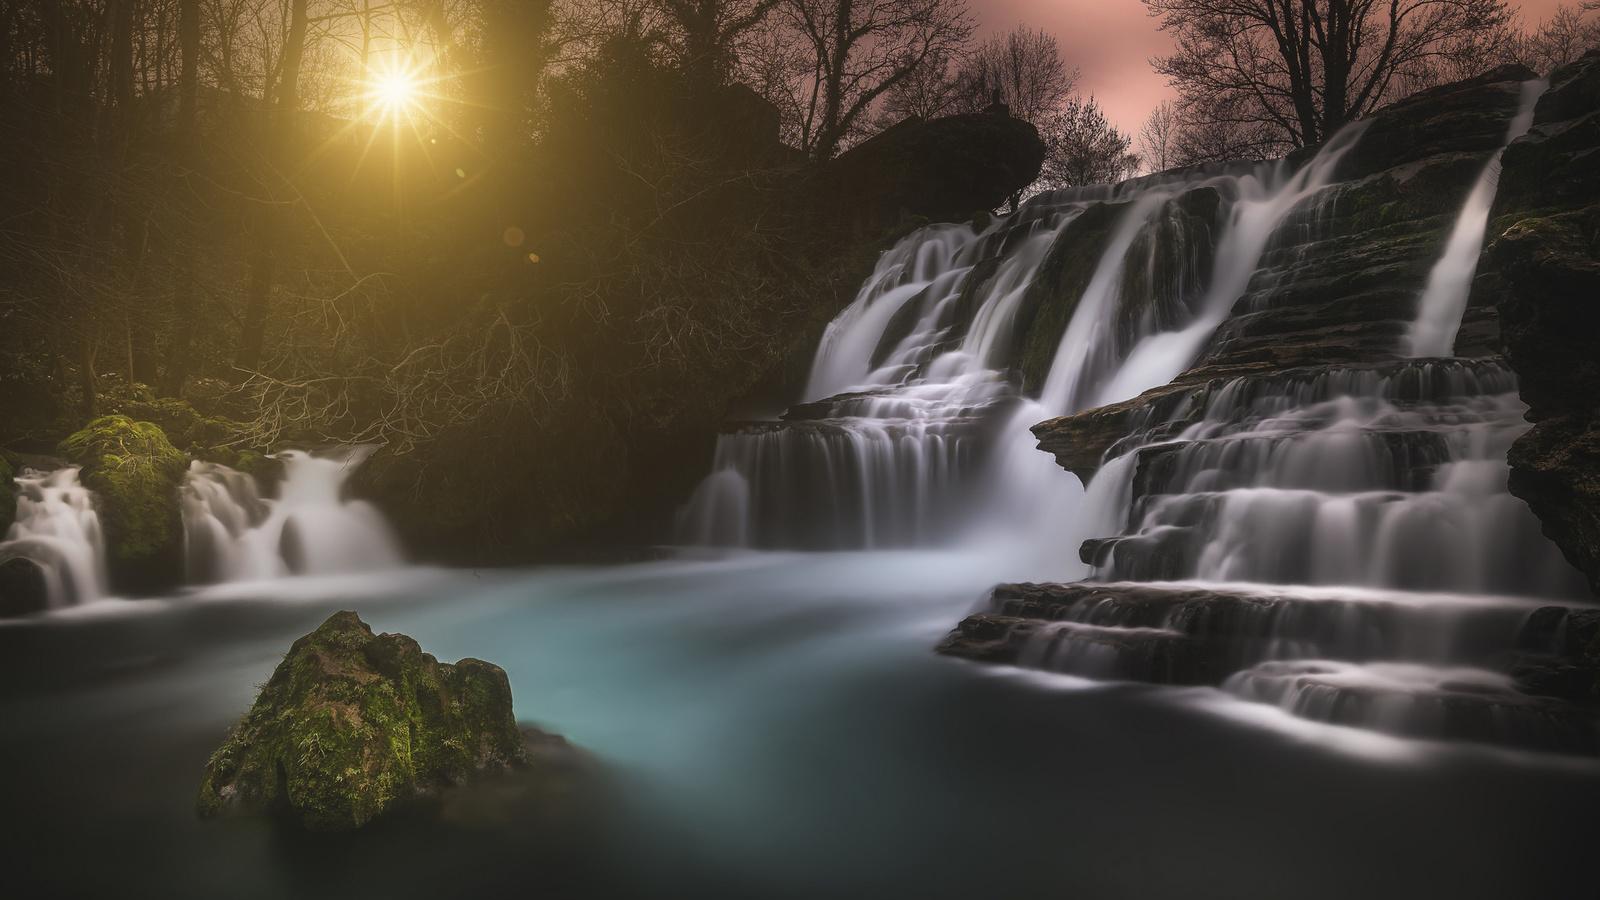 природа, пейзаж, камни, скалы, водопад, деревья, солнце, лучи